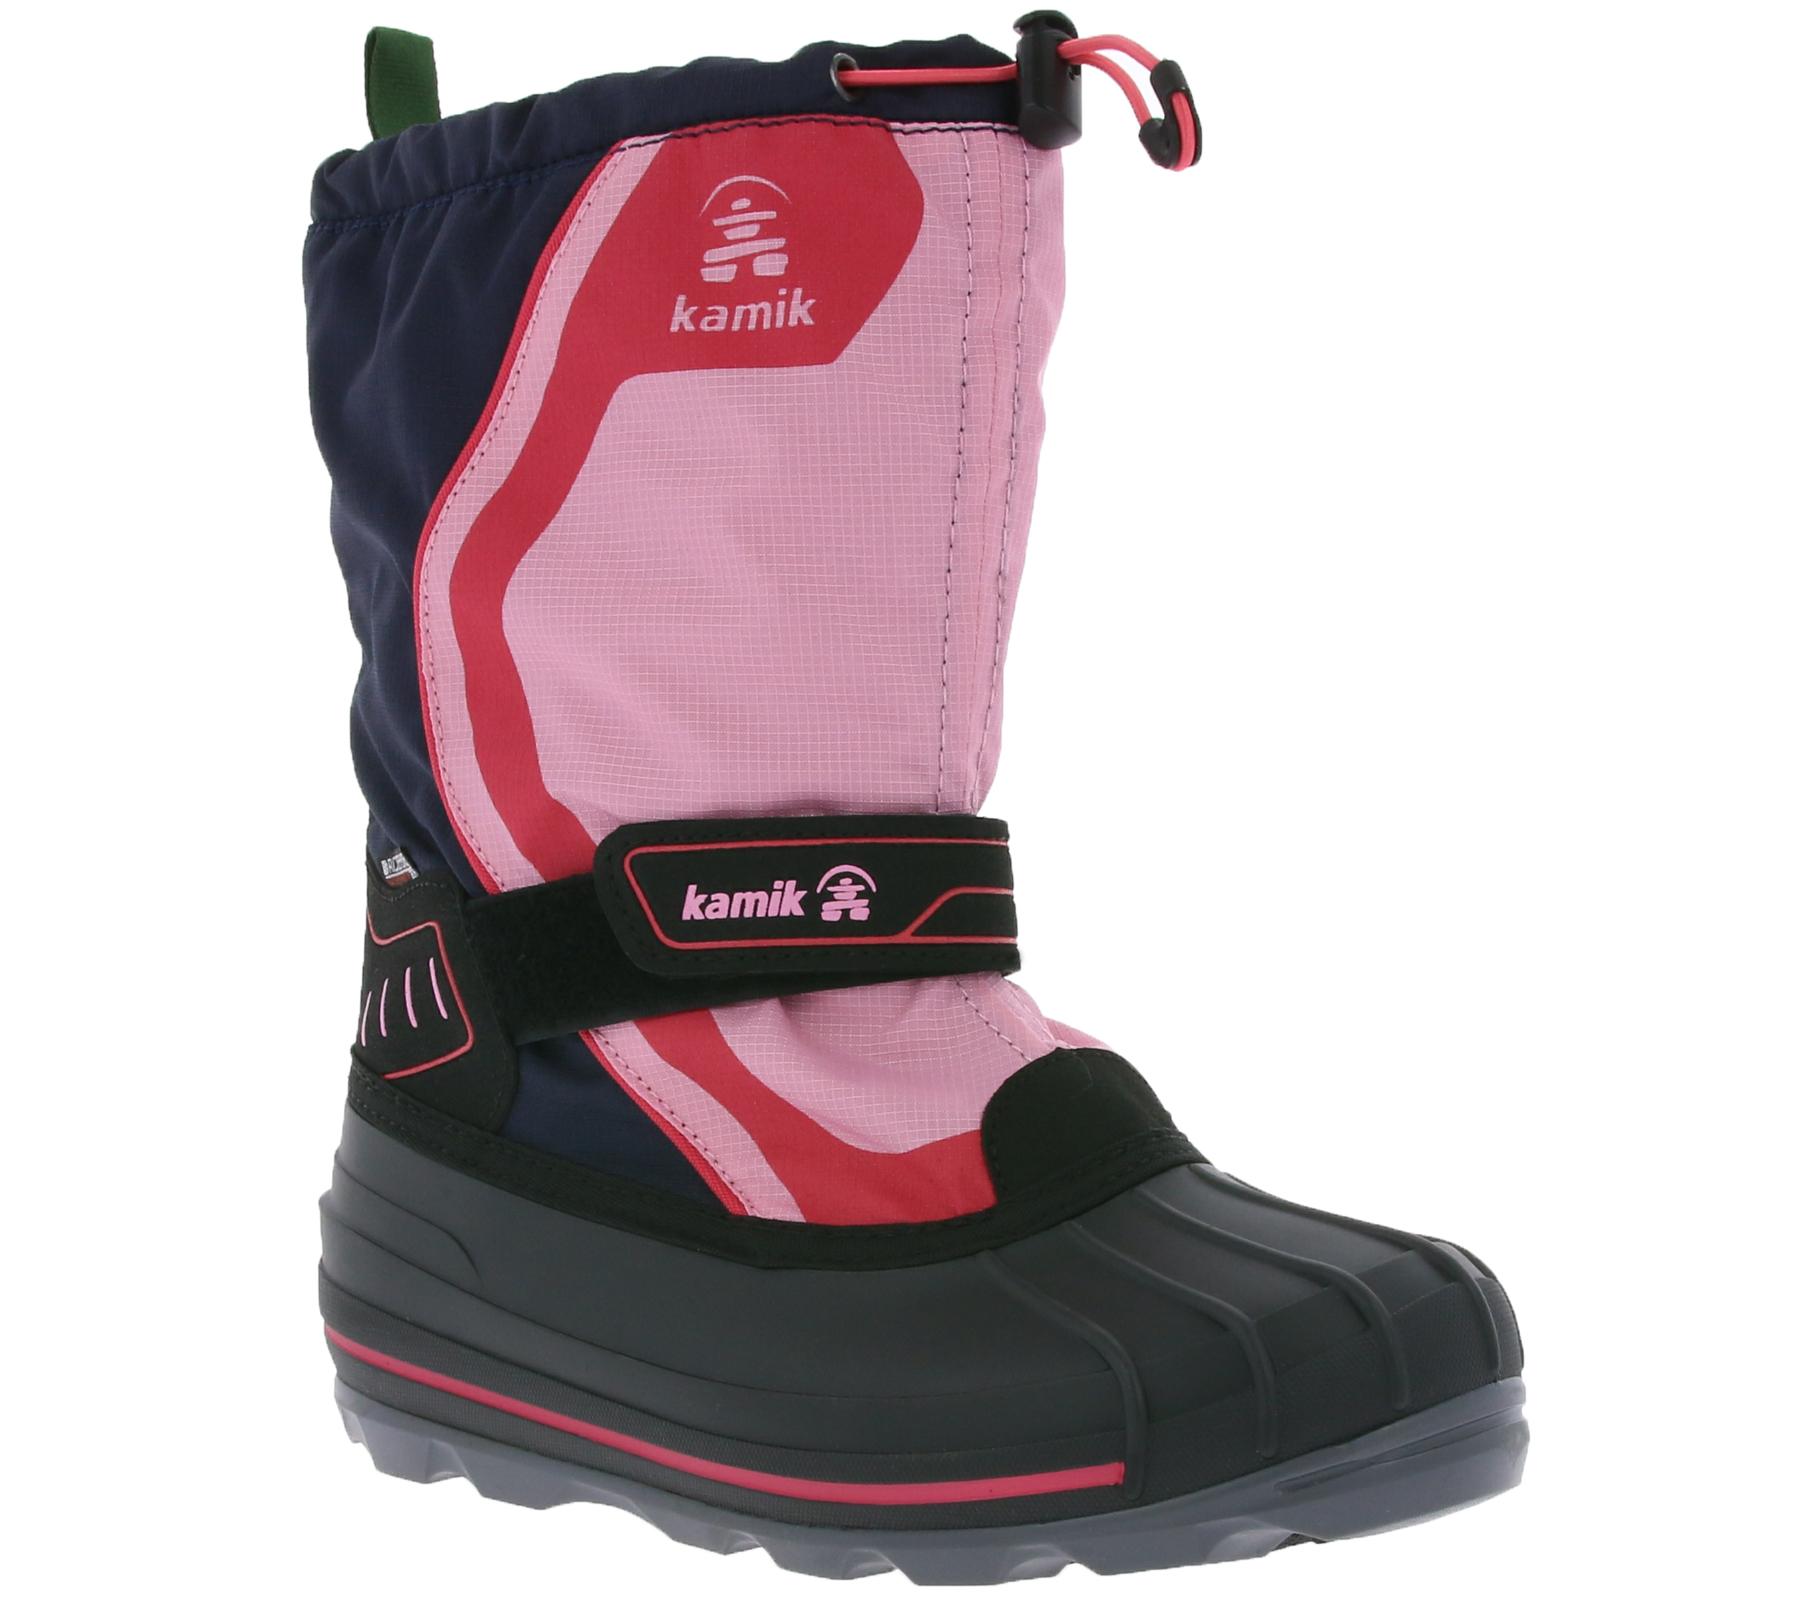 kamik Snowcoast 4 Kids Winter Boots Snow Shoes Navy |